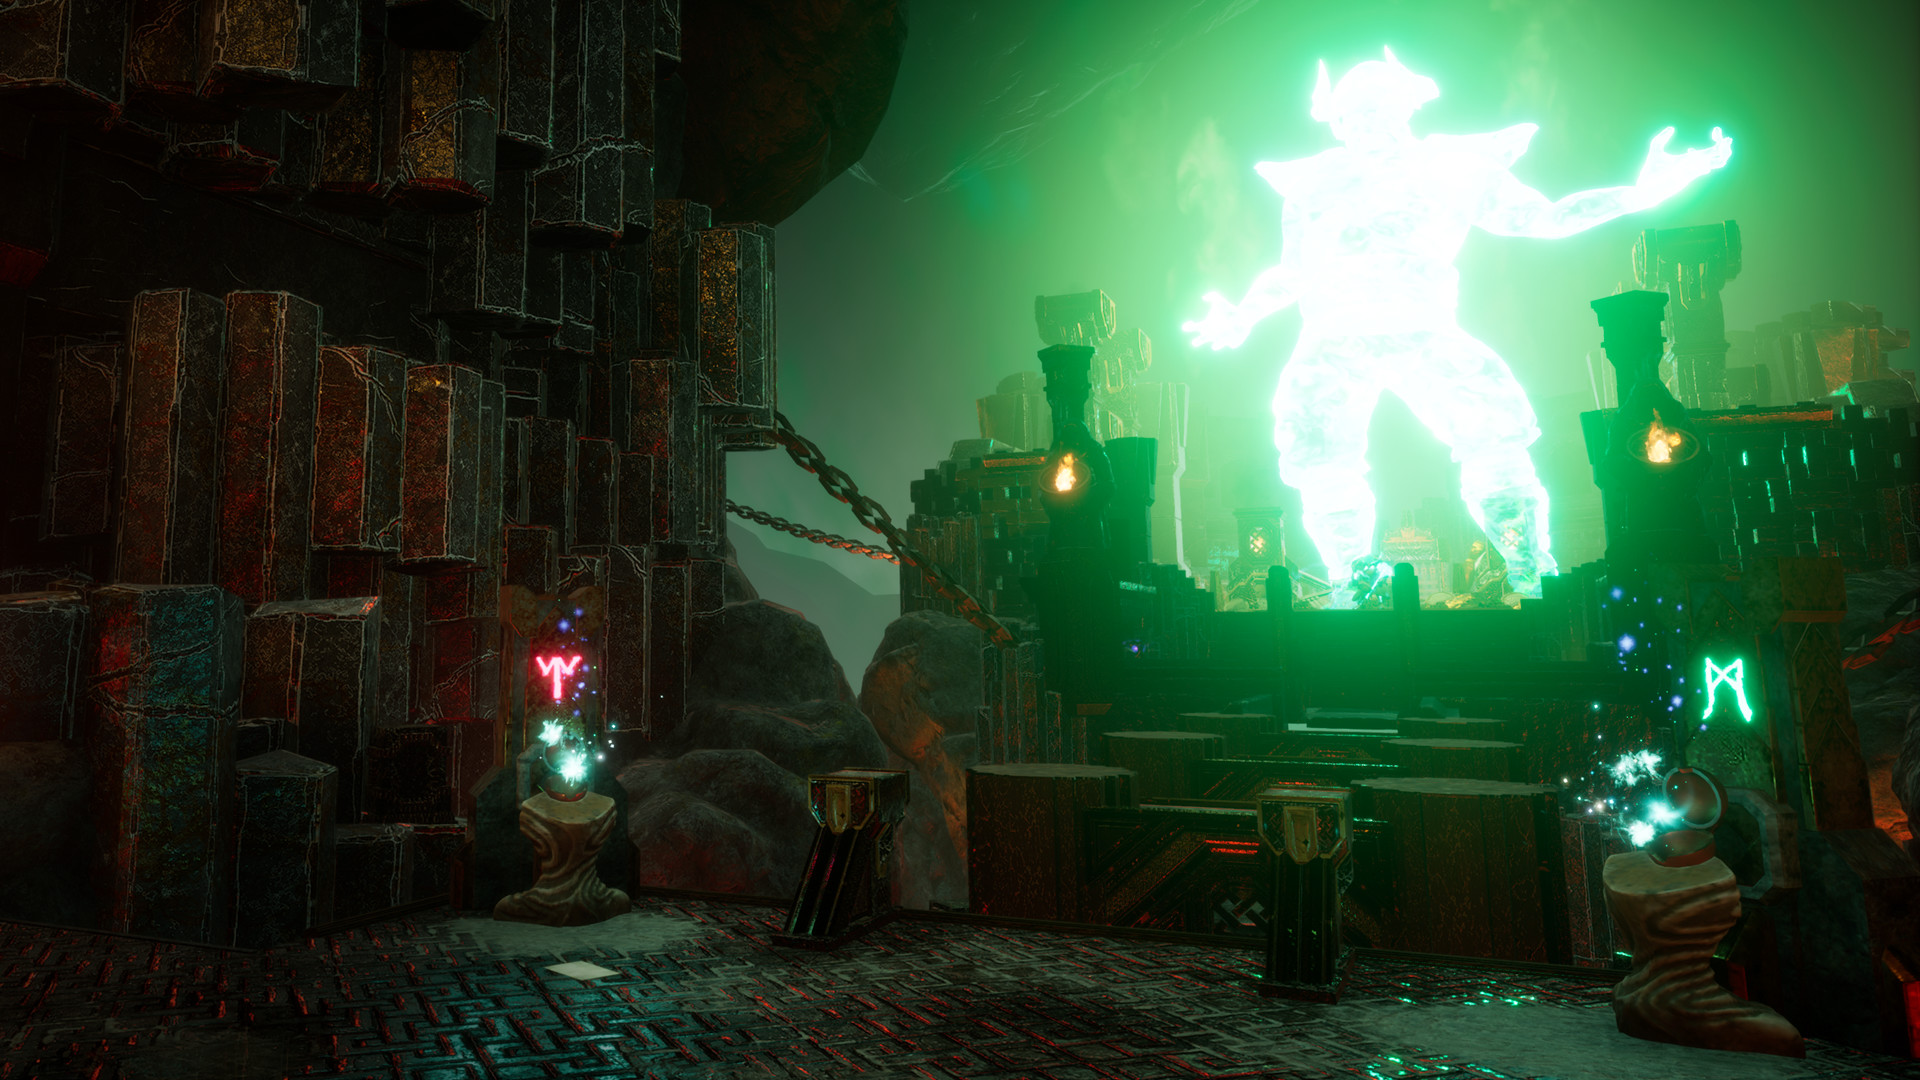 《冰城传奇4》升级版8月27日发售 Steam国区117元